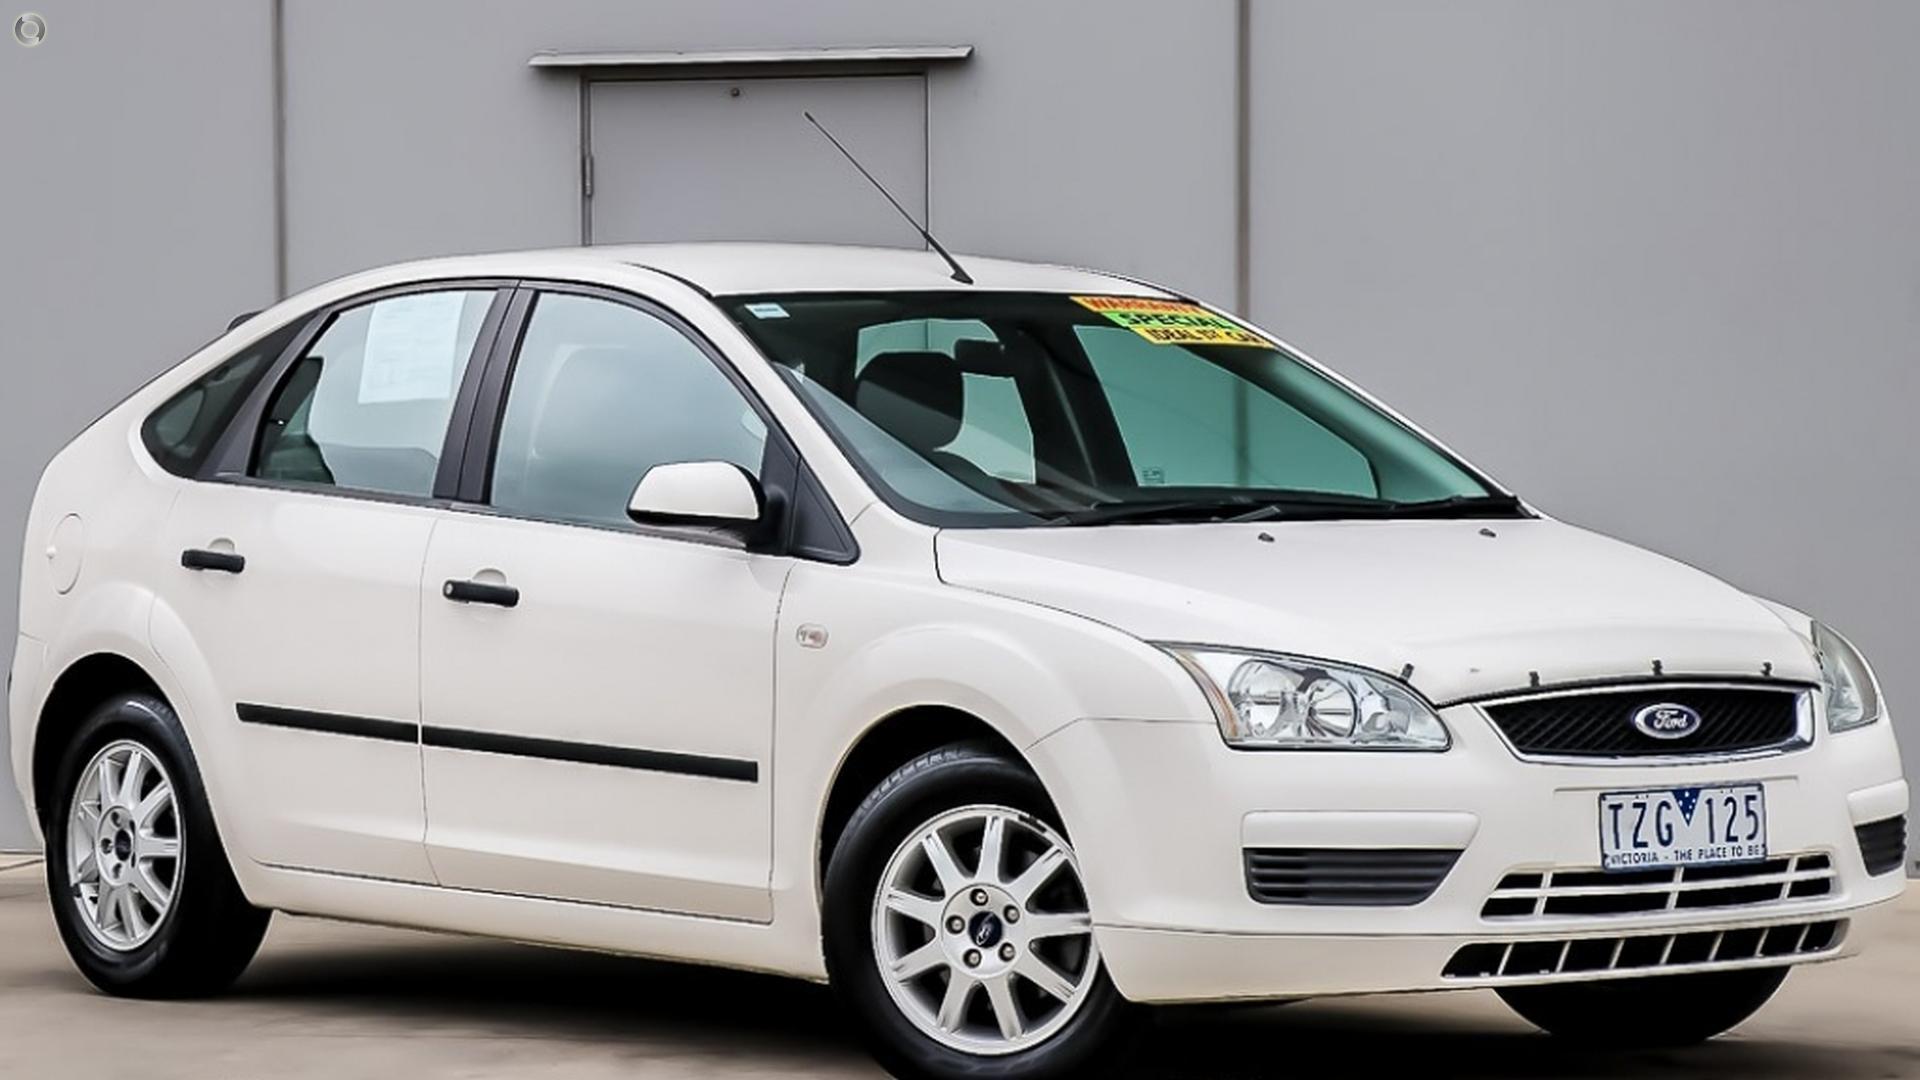 2006 Ford Focus LS